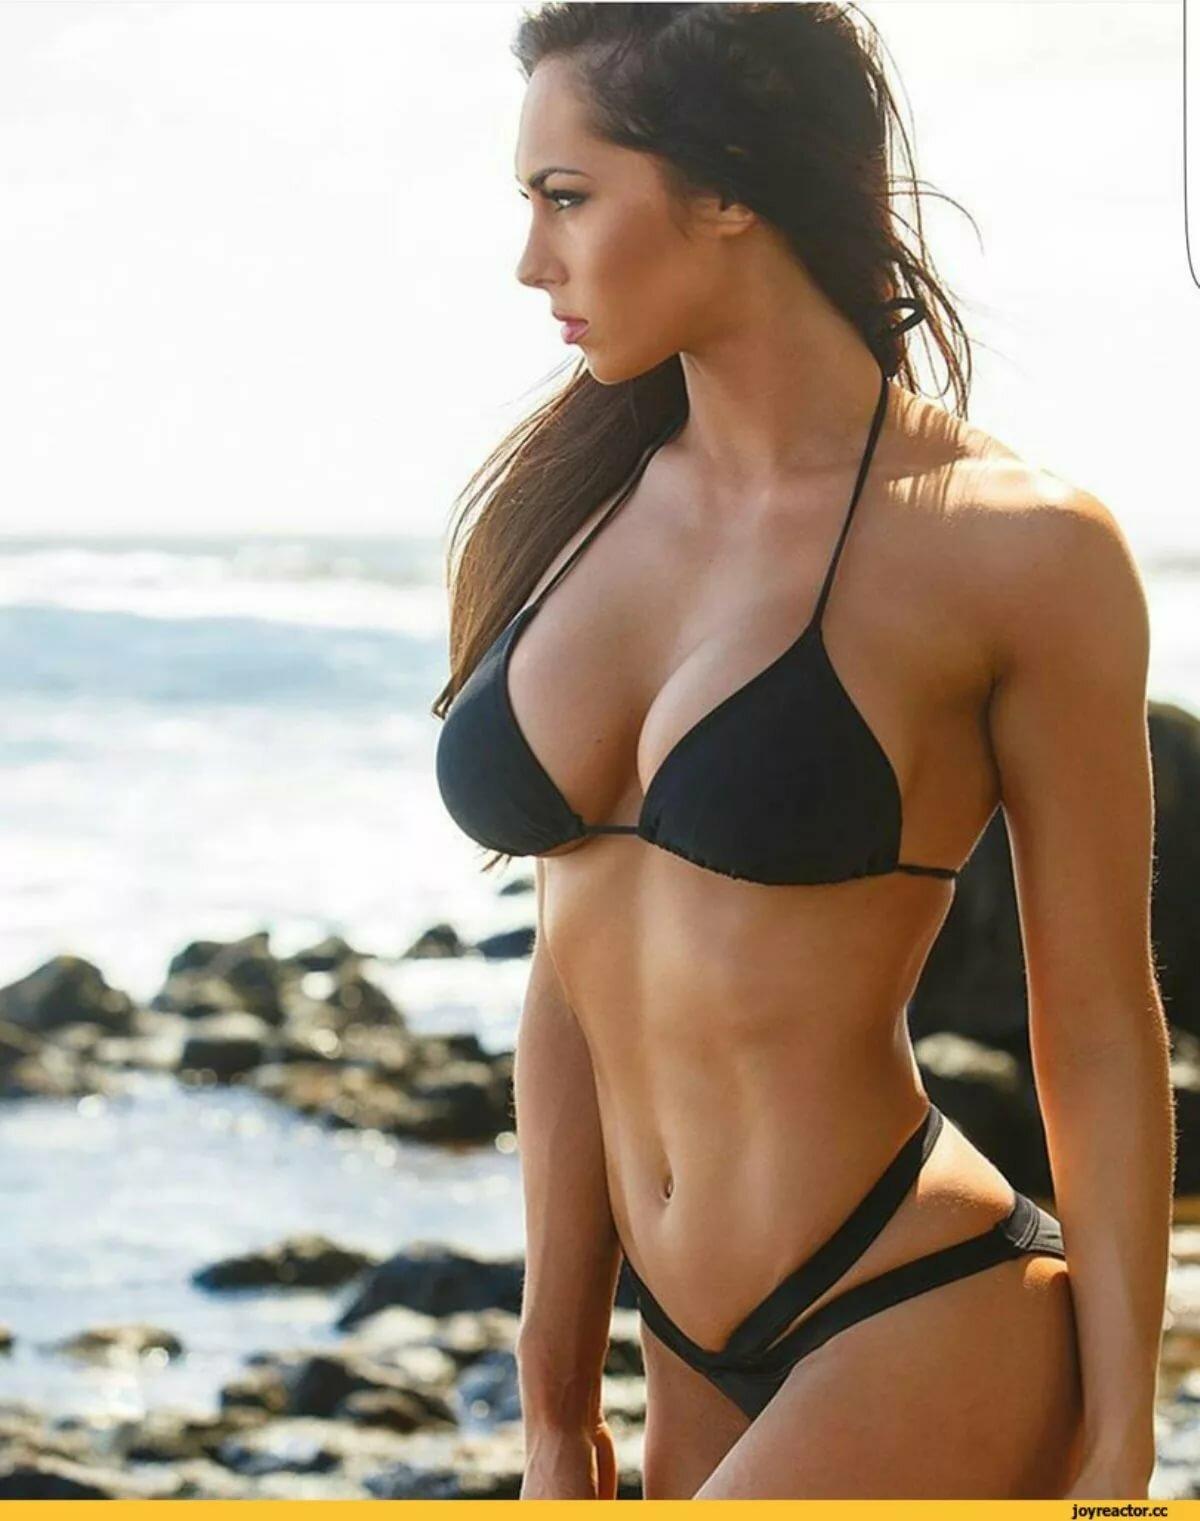 этом случае красивые тела девушек в бикини член